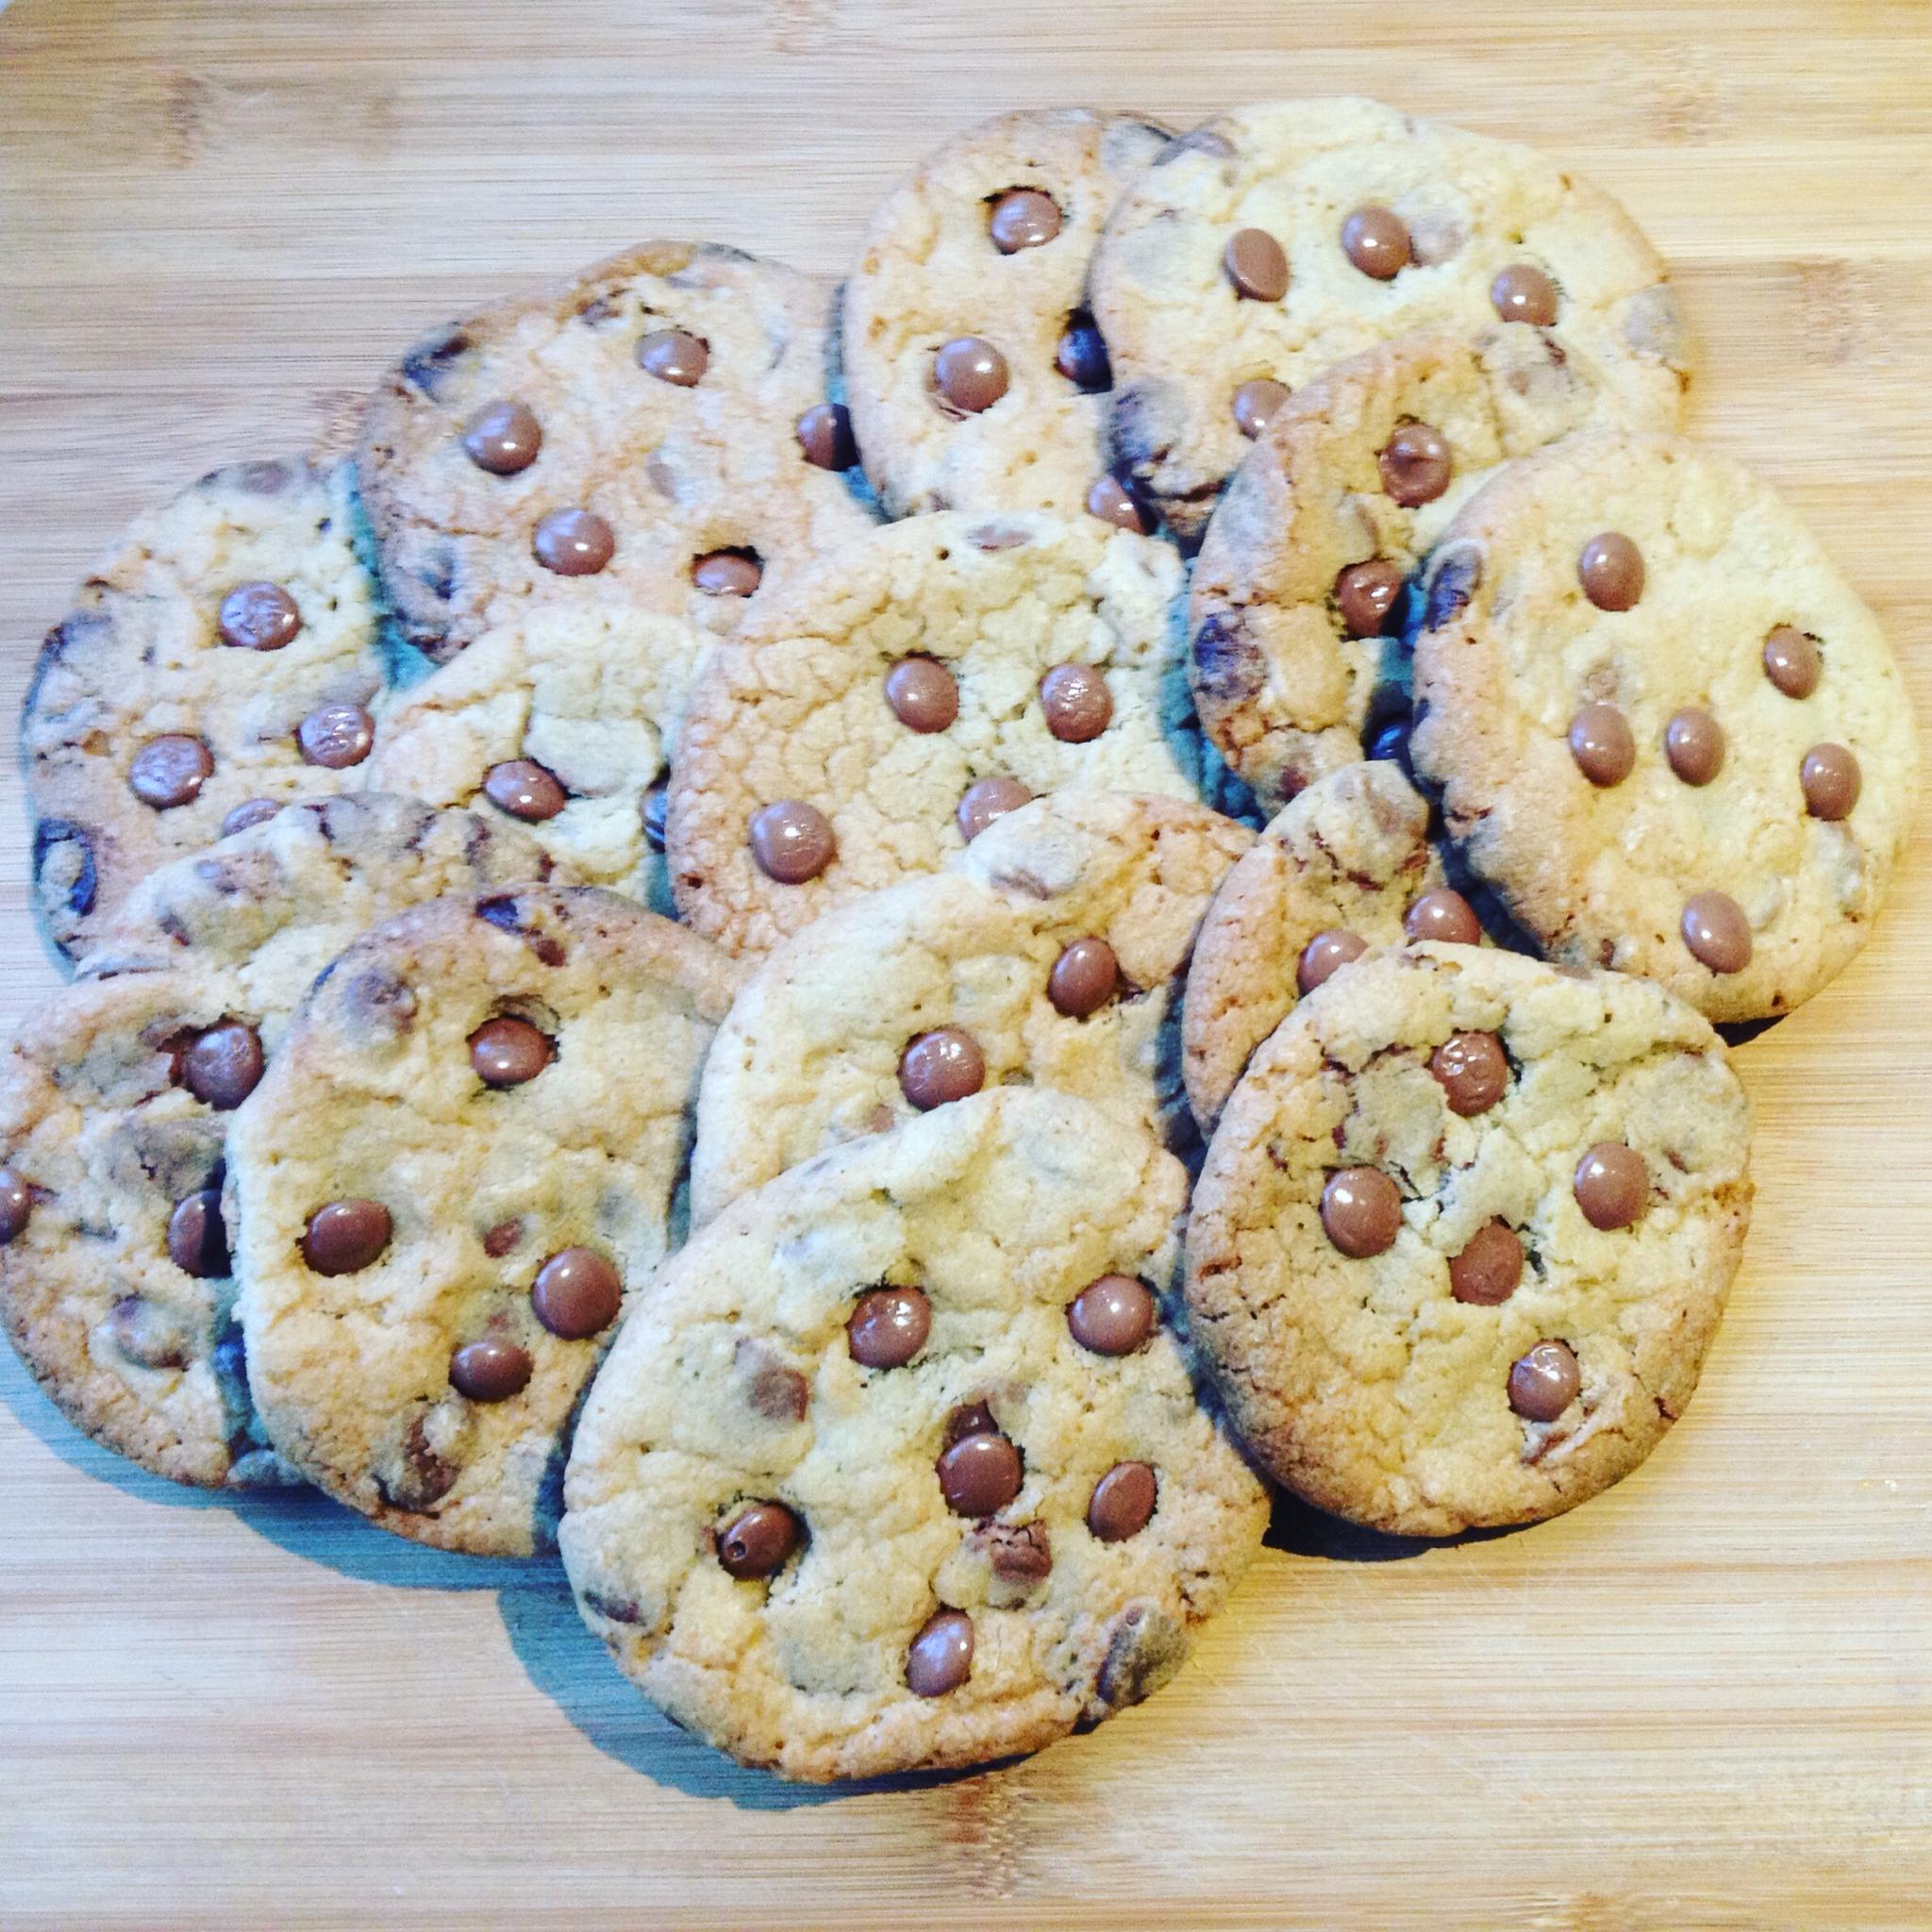 Niets lekkerder dan zelfgebakken koekjes. Vooral de chocolate chip koekjes zijn onweerstaanbaar.